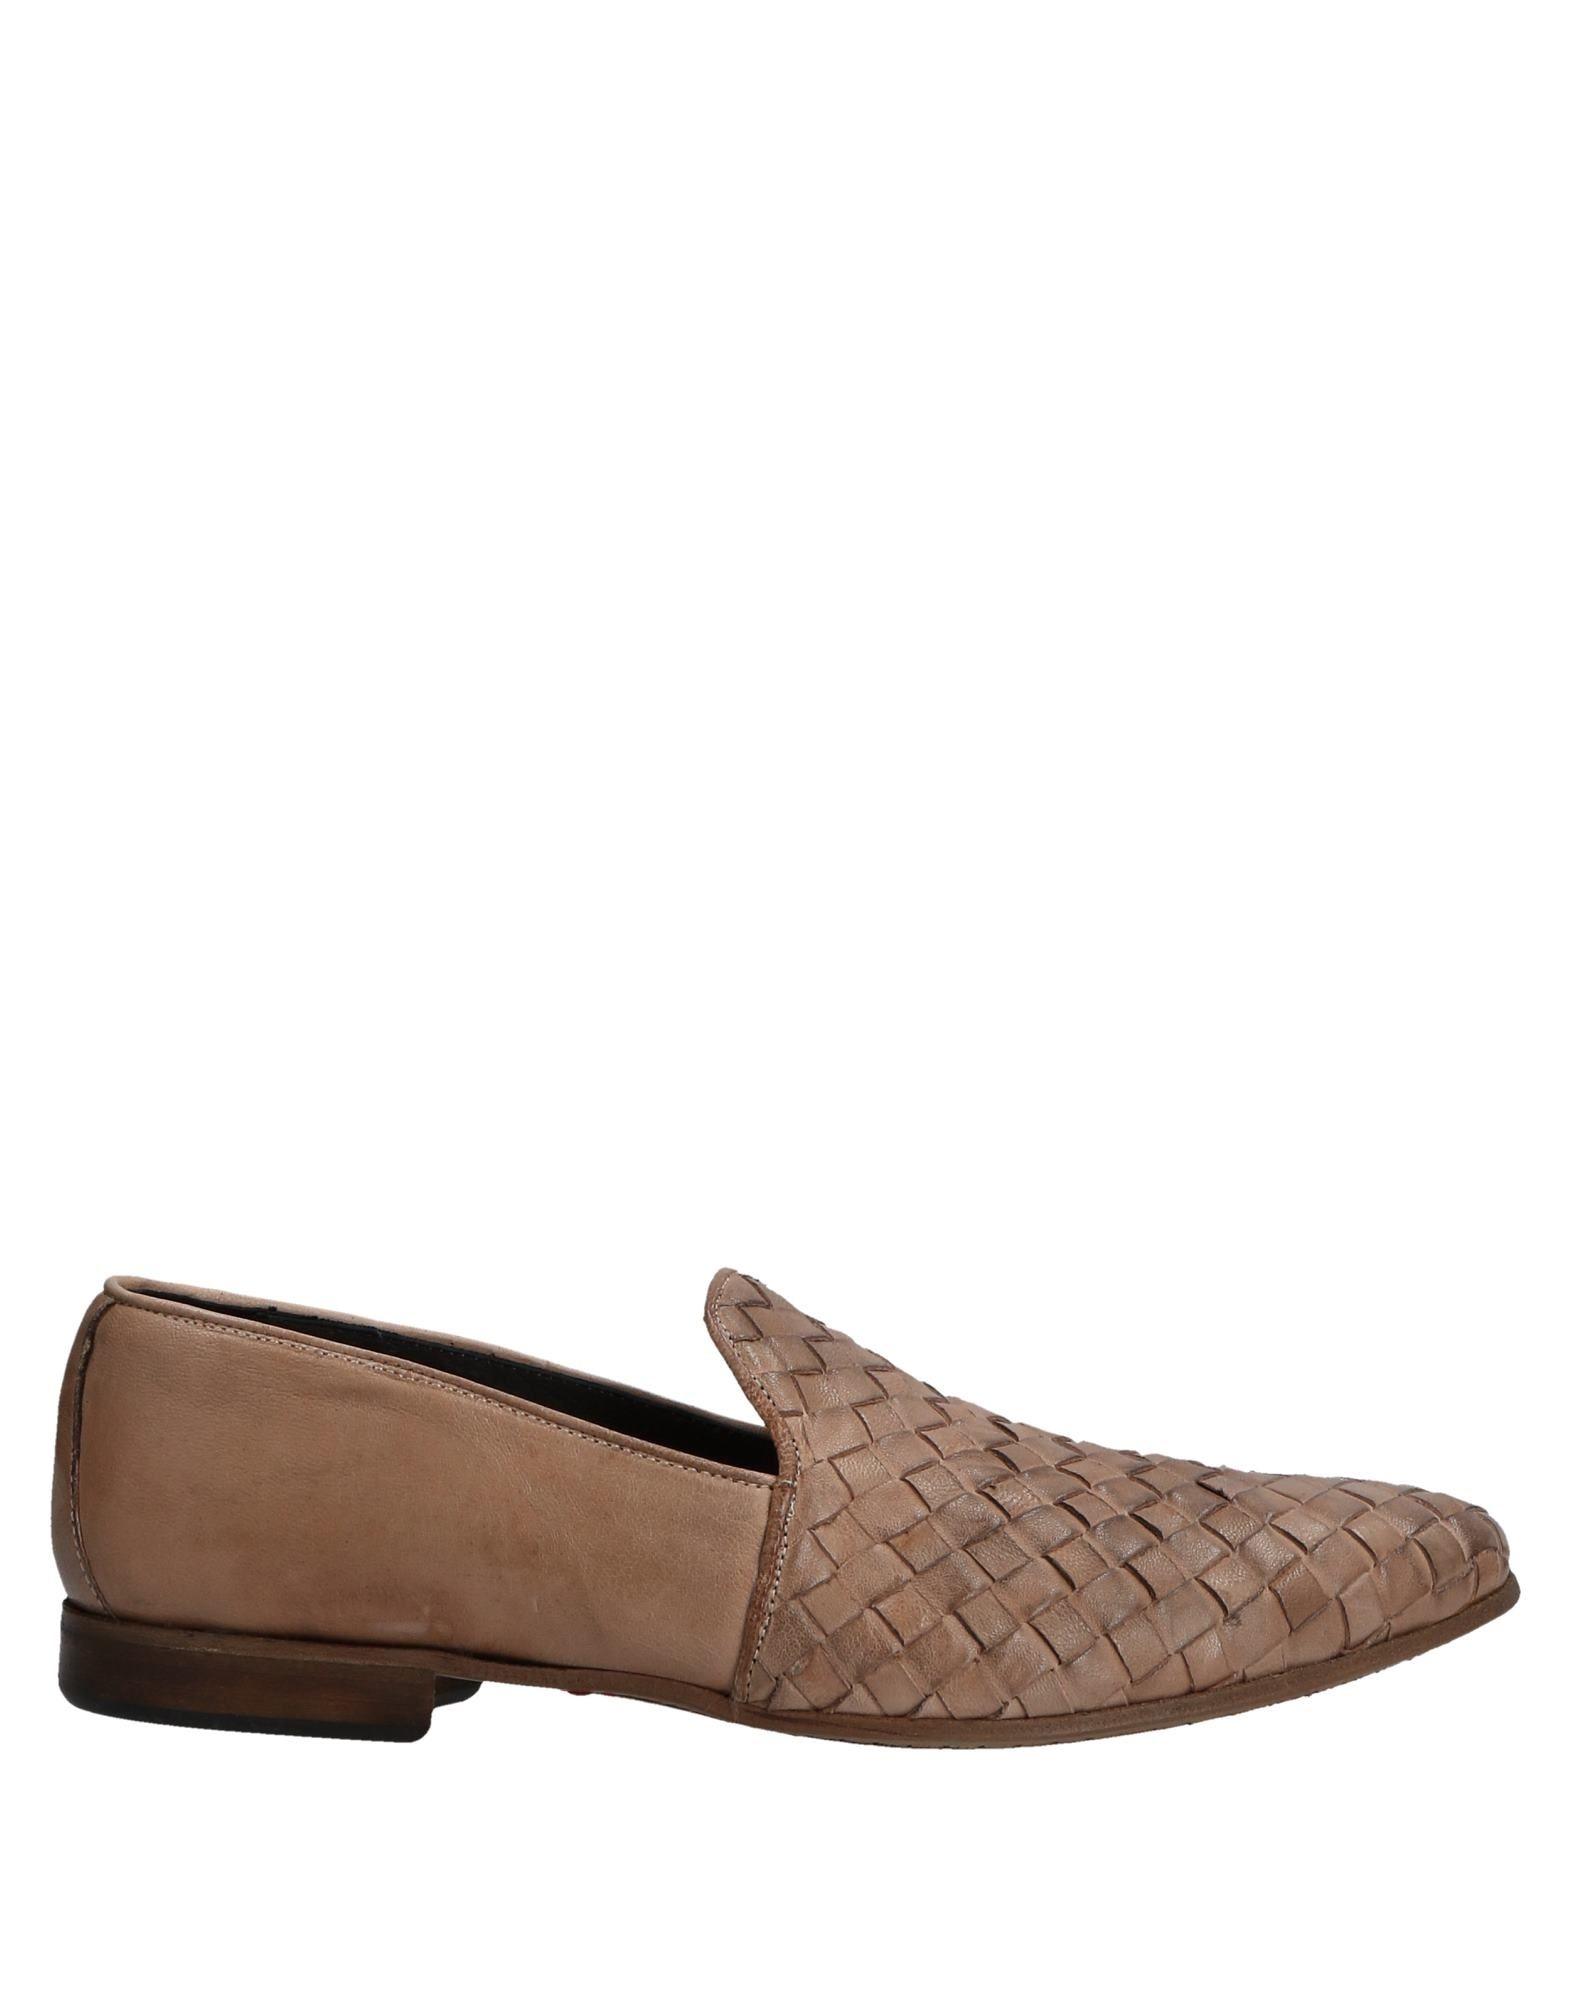 Rabatt echte Schuhe Jp/David Mokassins Herren  11526307SC